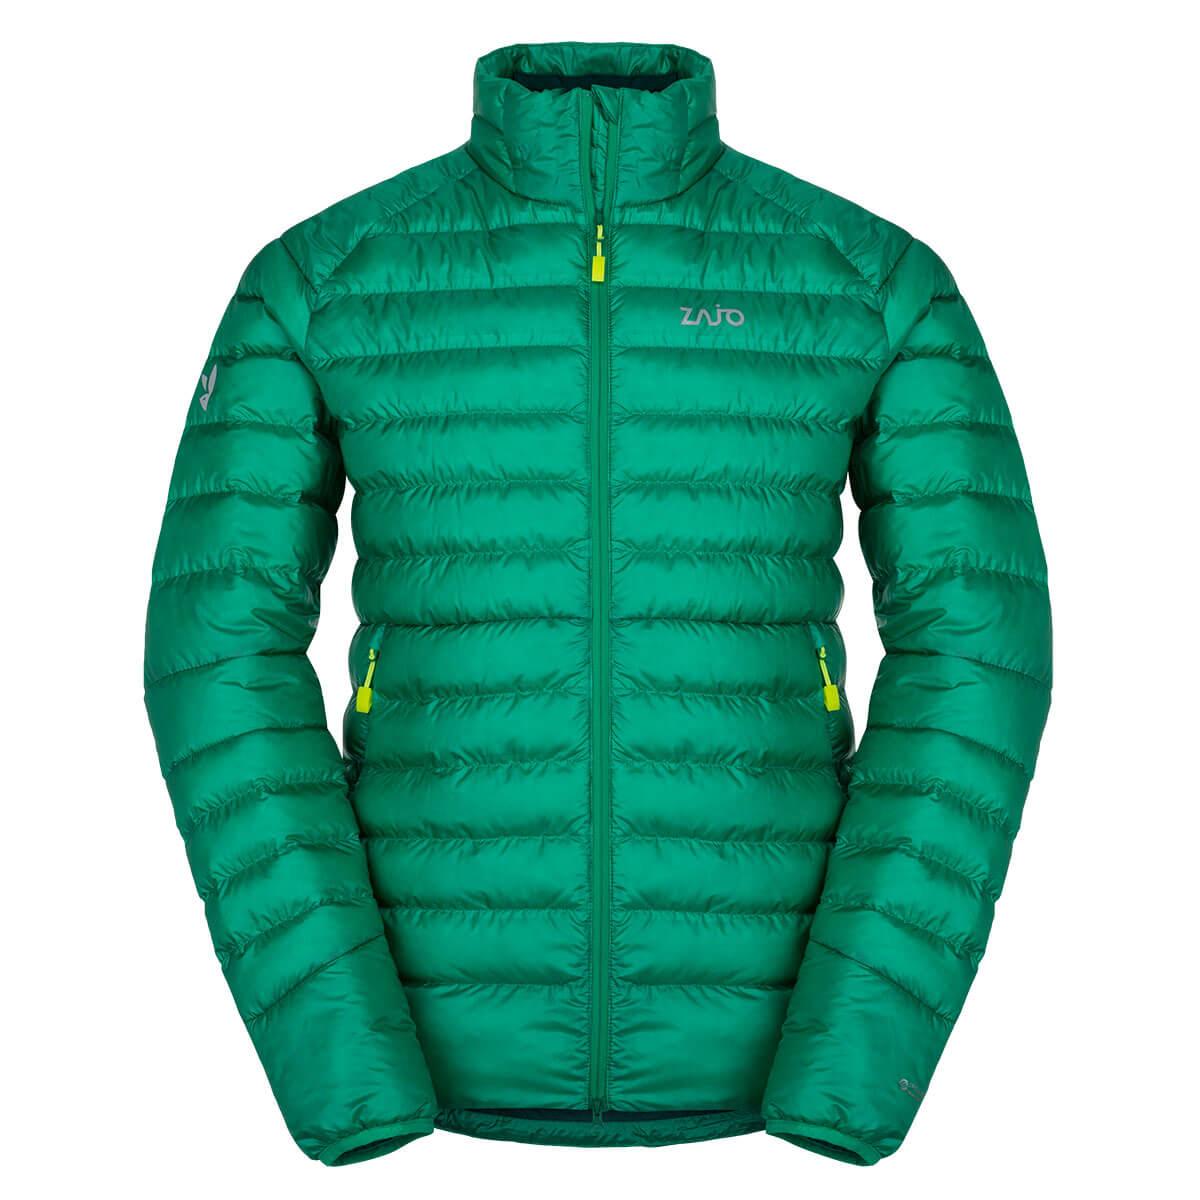 ZAJO Pánska bunda Lofer NH JKT Golf Green - veľkosť S